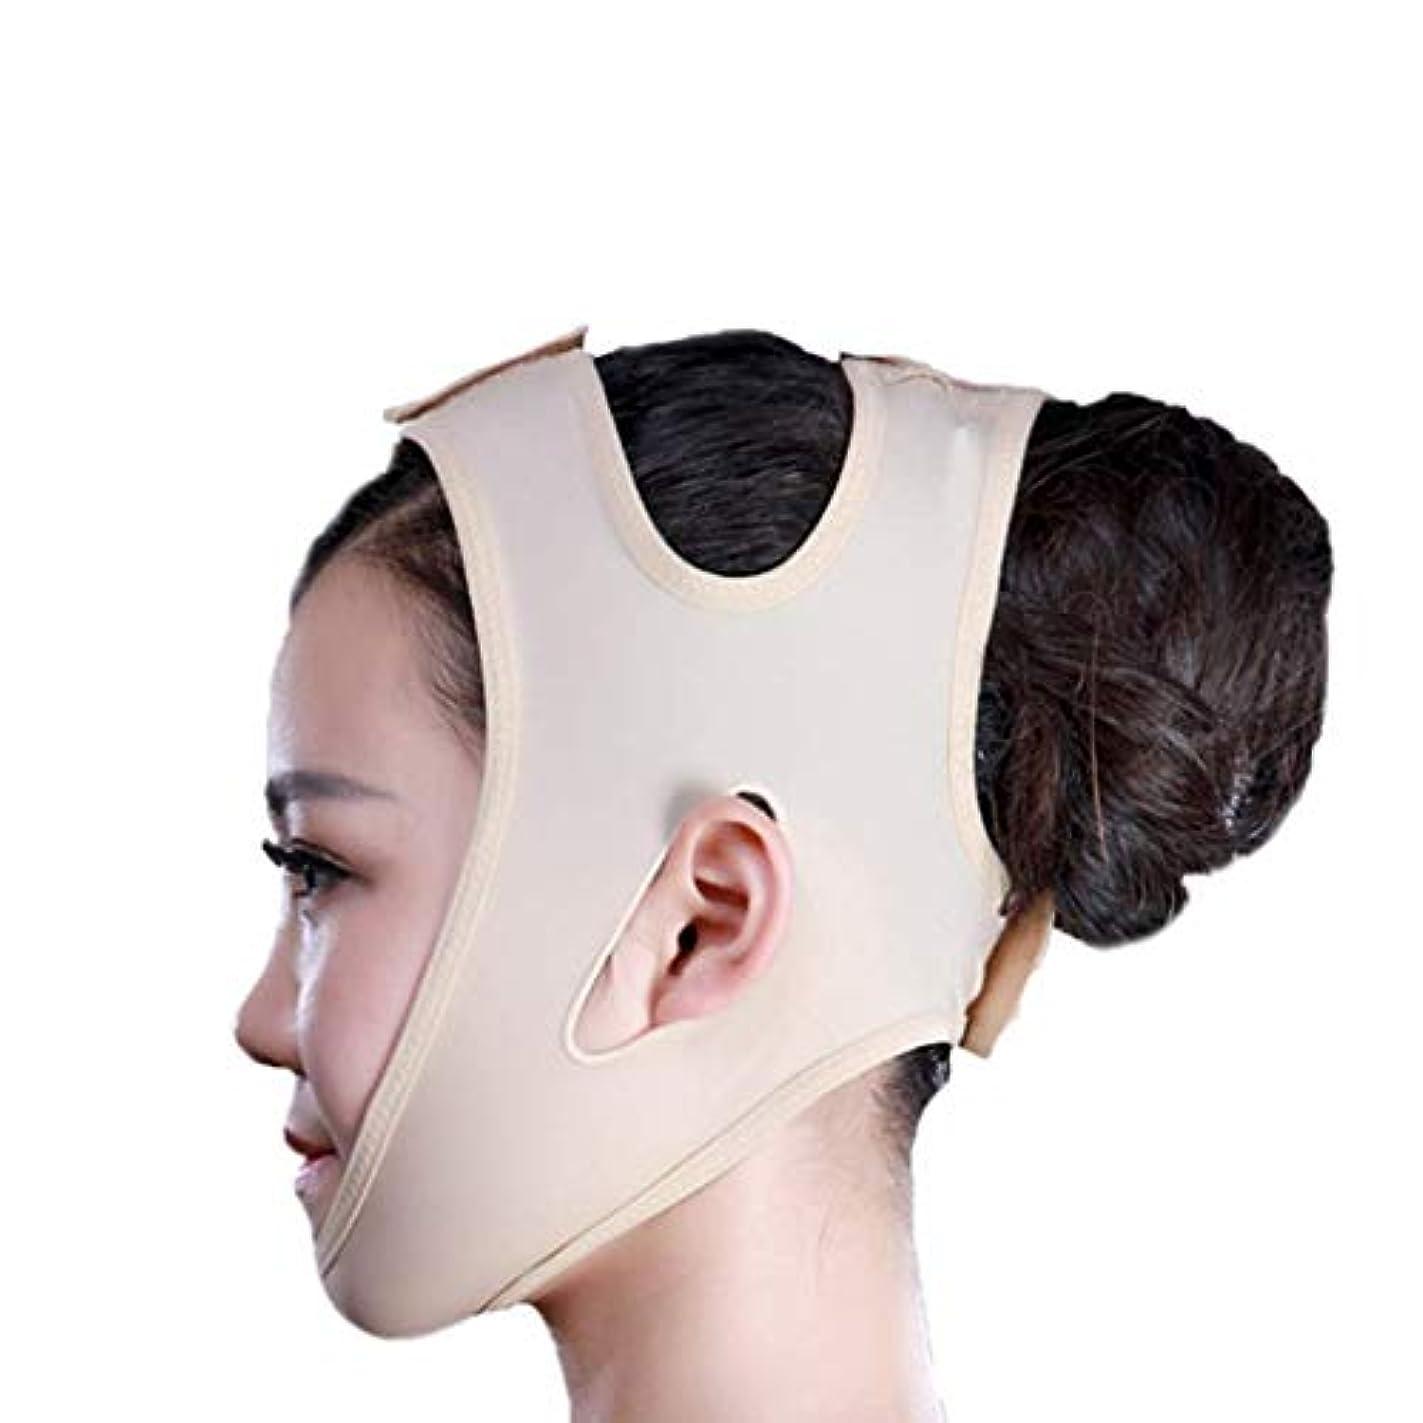 火炎チャーミング任意フェイススリミングマスク、快適さと通気性、フェイシャルリフティング、輪郭の改善された硬さ、ファーミングとリフティングフェイス(カラー:ブラック、サイズ:XL),黄色がかったピンク、S